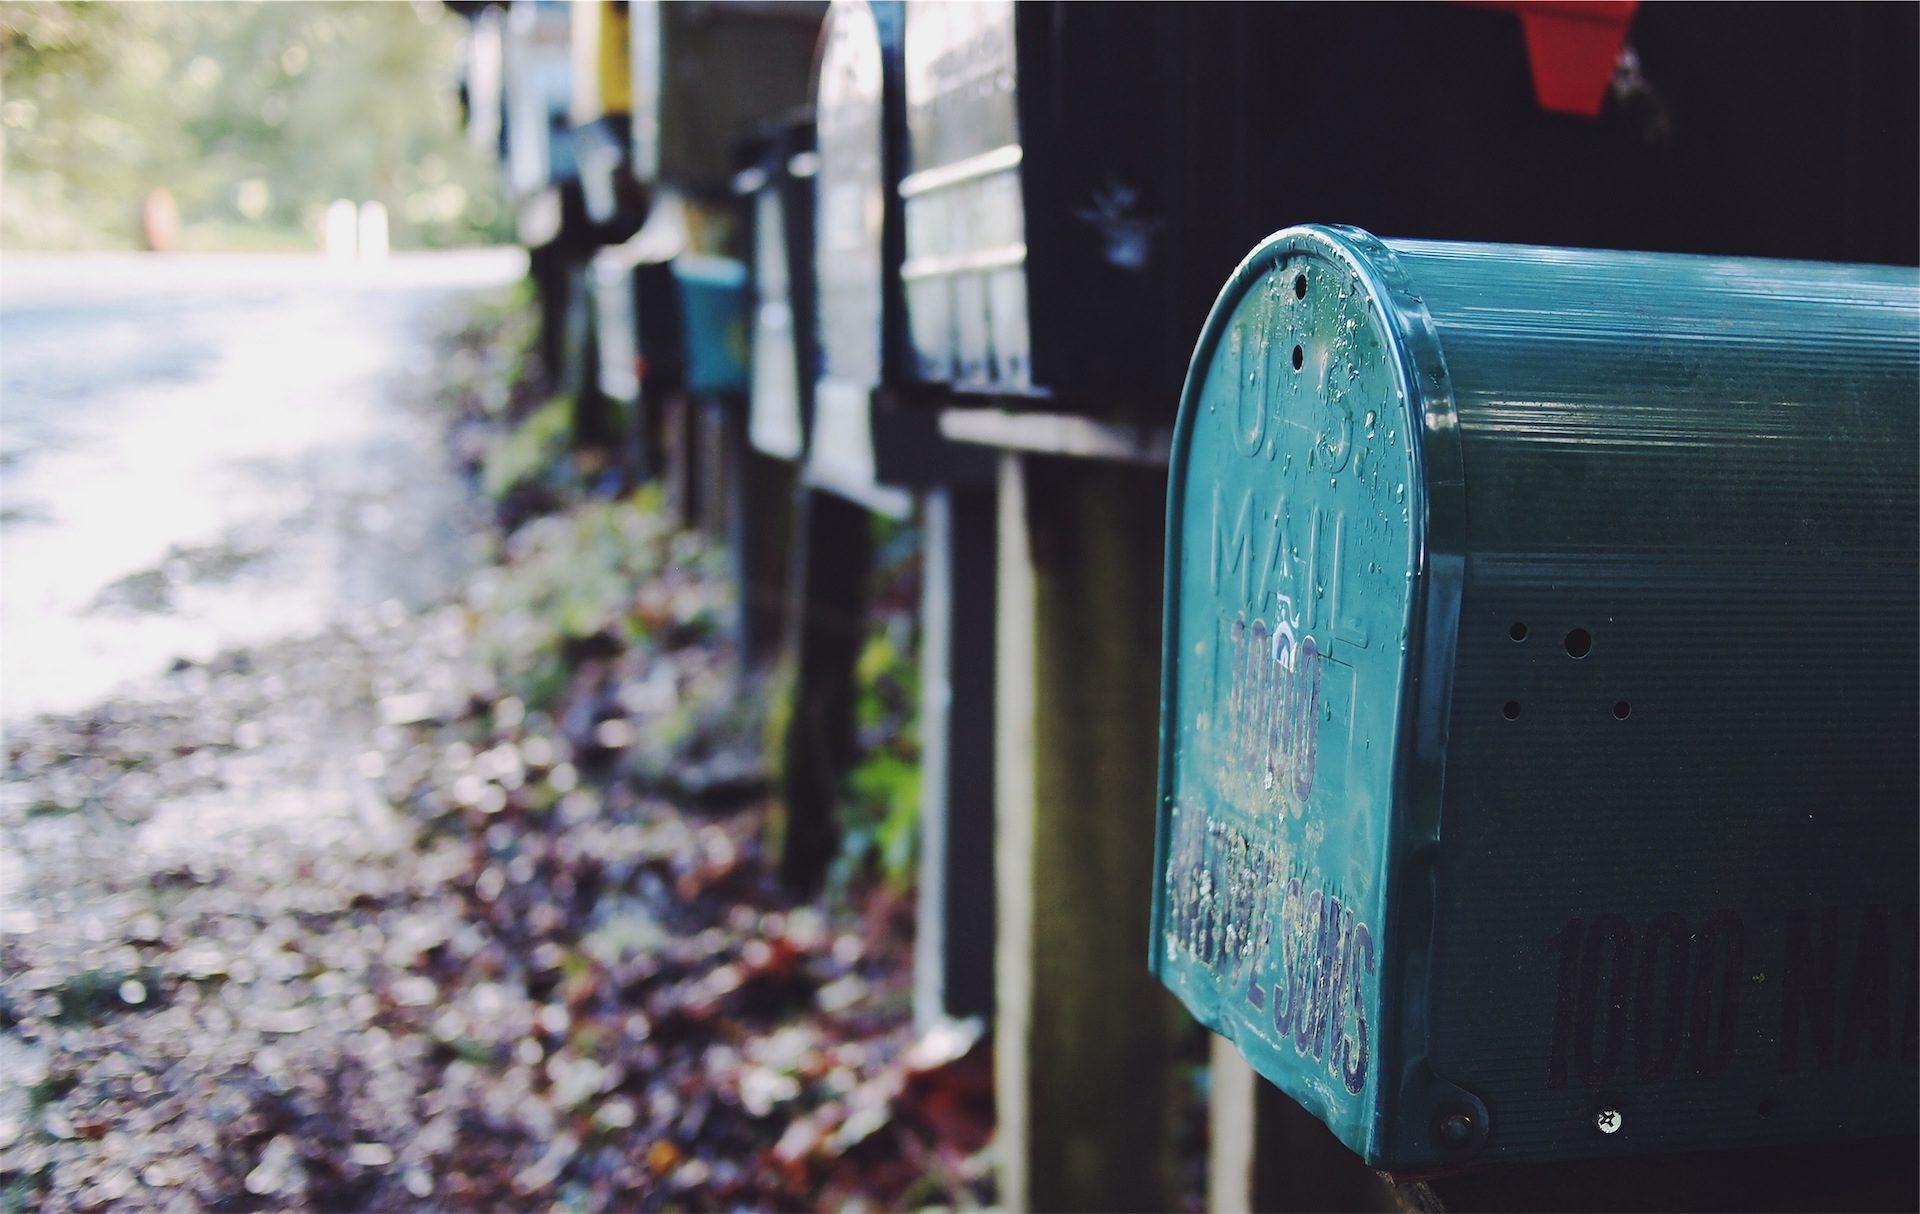 почтовые ящики, соседи, окрестности, Дорога, Вуд - Обои HD - Профессор falken.com